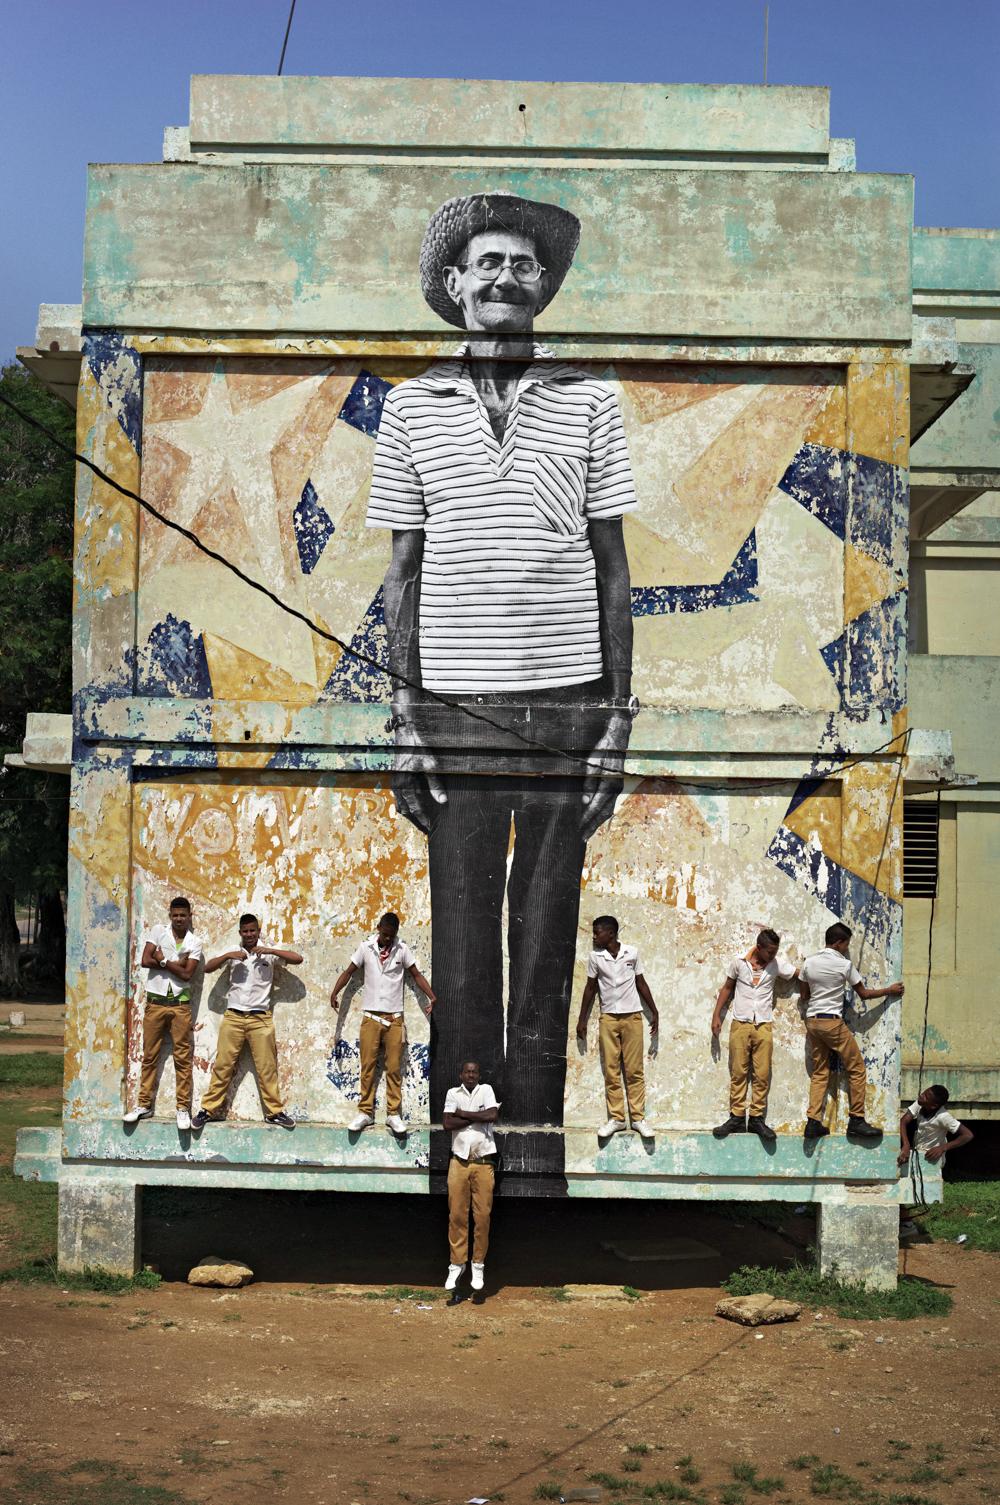 The Wrinkles of the City, La Havana, Antonio Cruz Gordillo,  (artwork by JR, project by JR & José Parlá) Cuba , 2012, Color photograph, matte plexiglass, aluminum, wood, 267 x 180 cm | 105 1/8 x 70 3/4 in. © Courtesy of ©JR-ART.NET